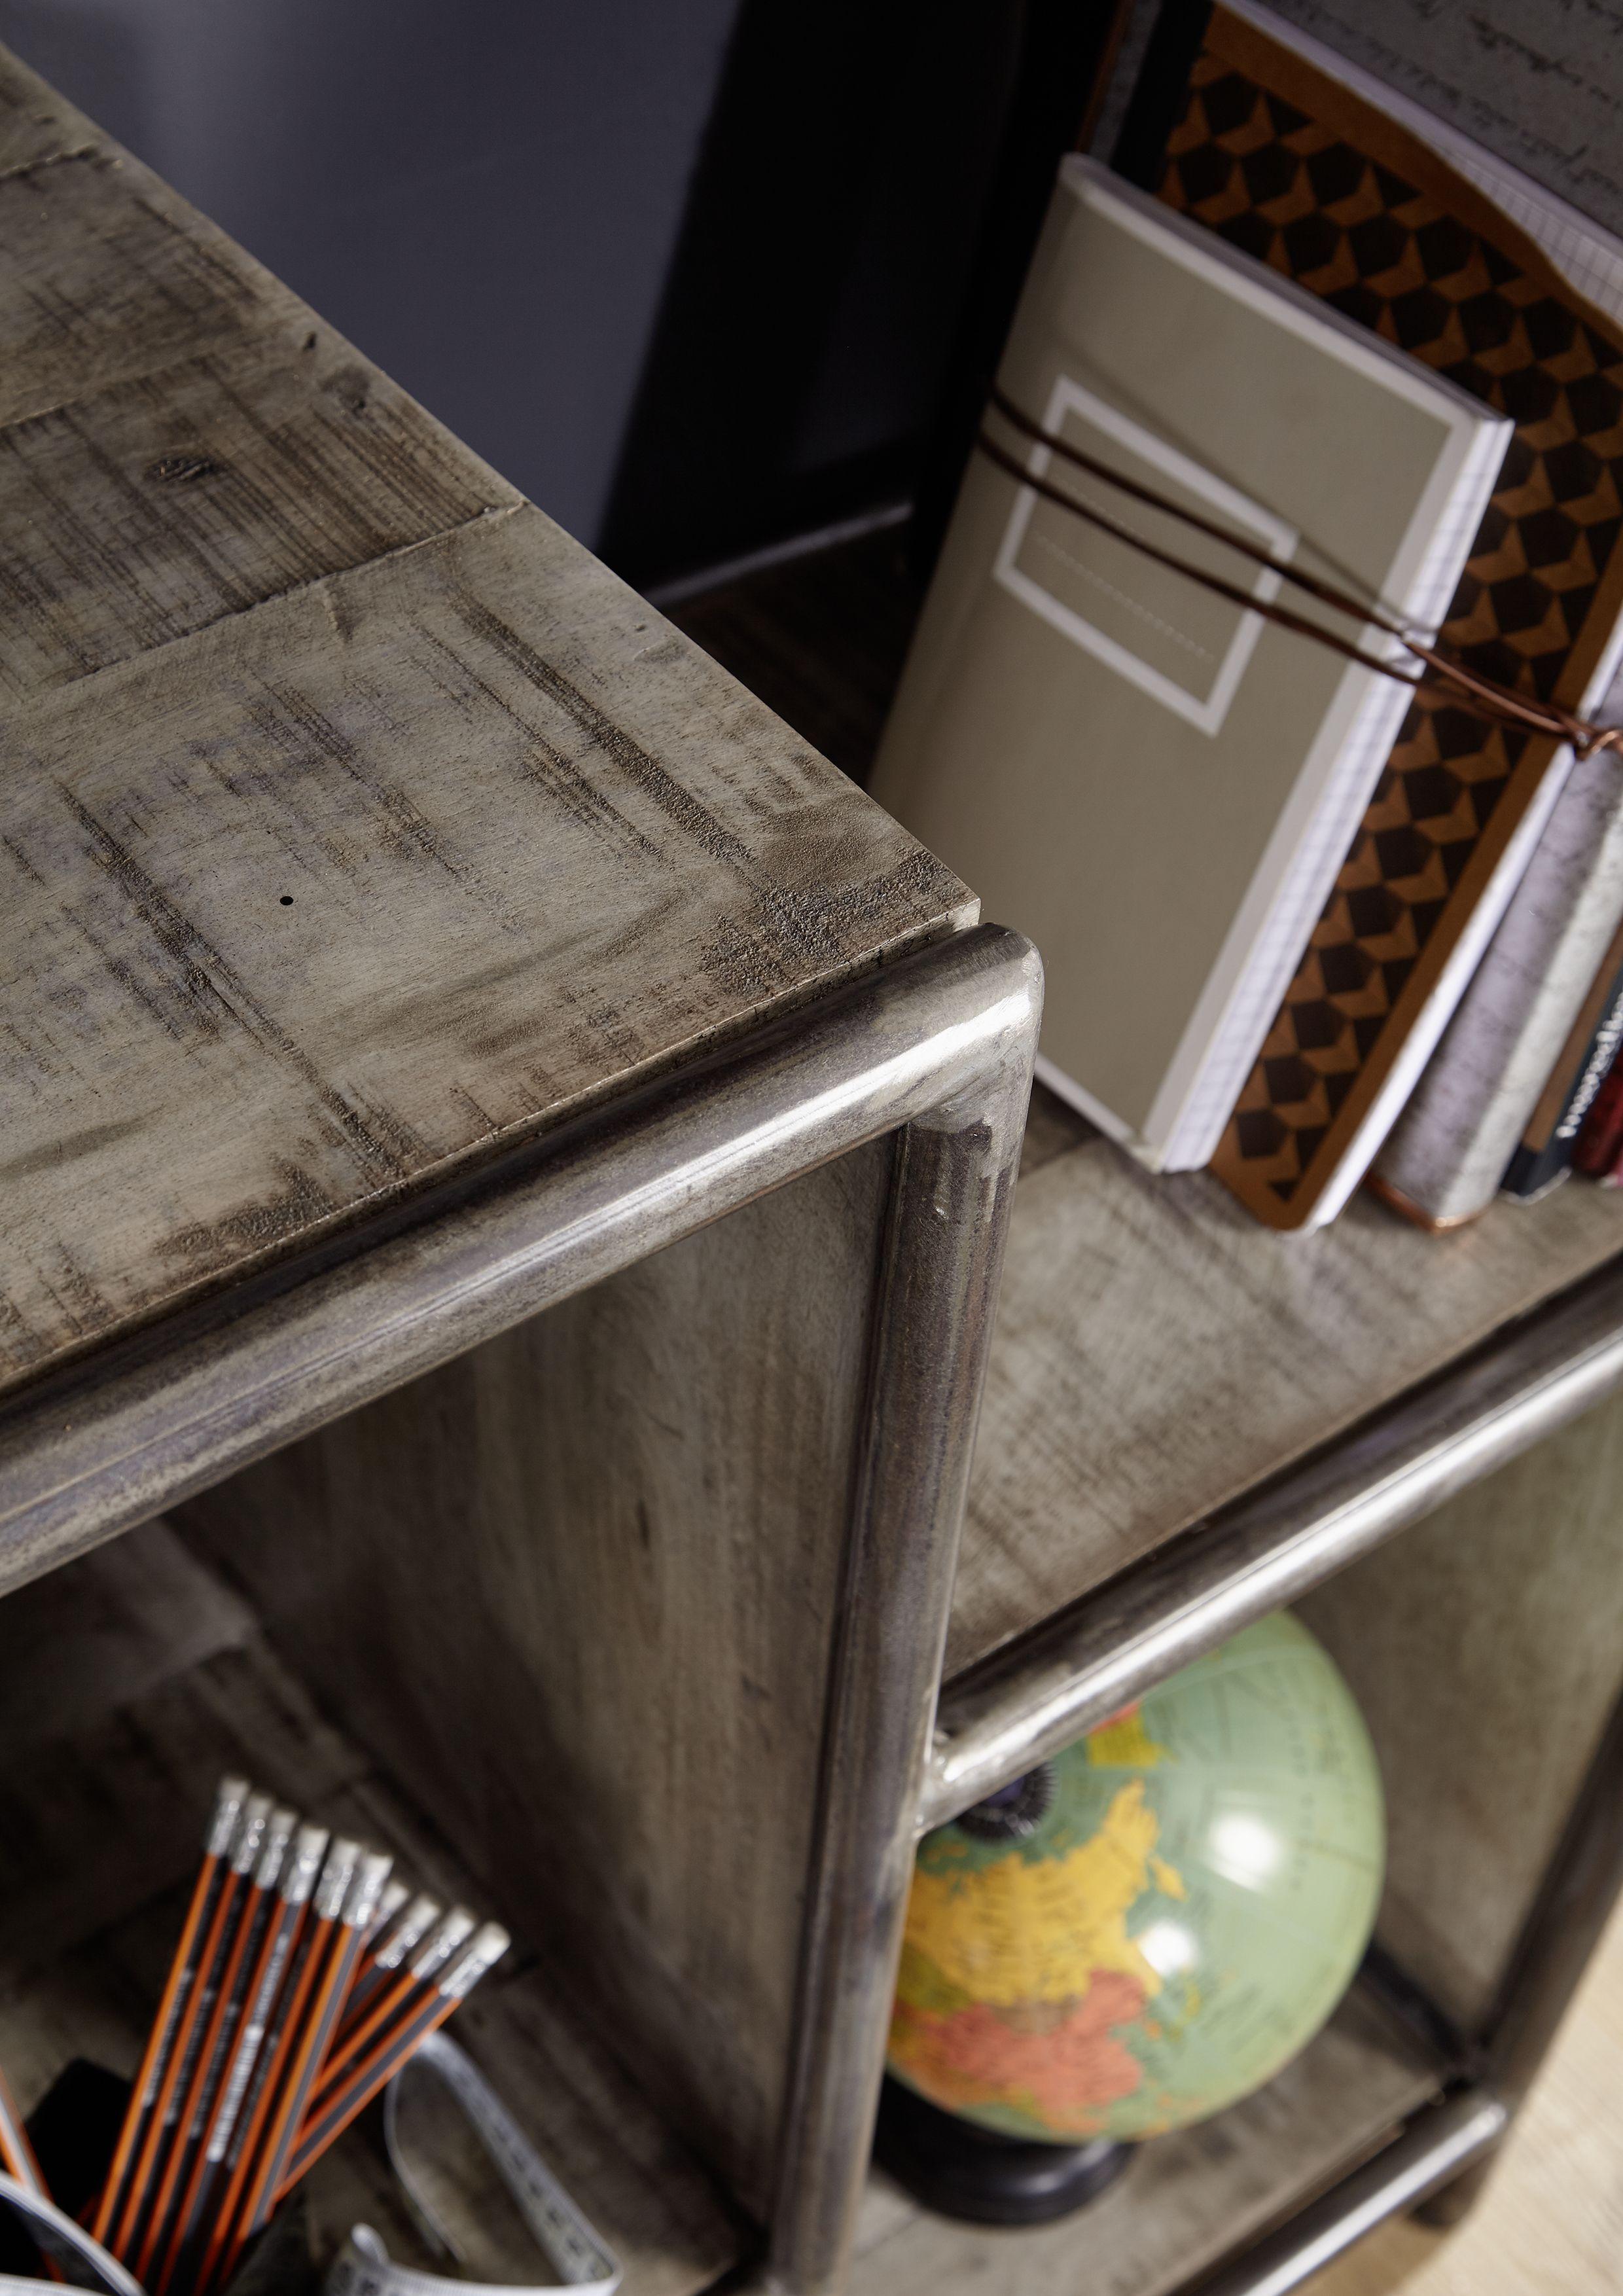 möbel möbelstücke wohnzimmer mango holz echtholz massivholz wood wooddesign woodwork homeinterior interiordesign homedecor decor einrichtung